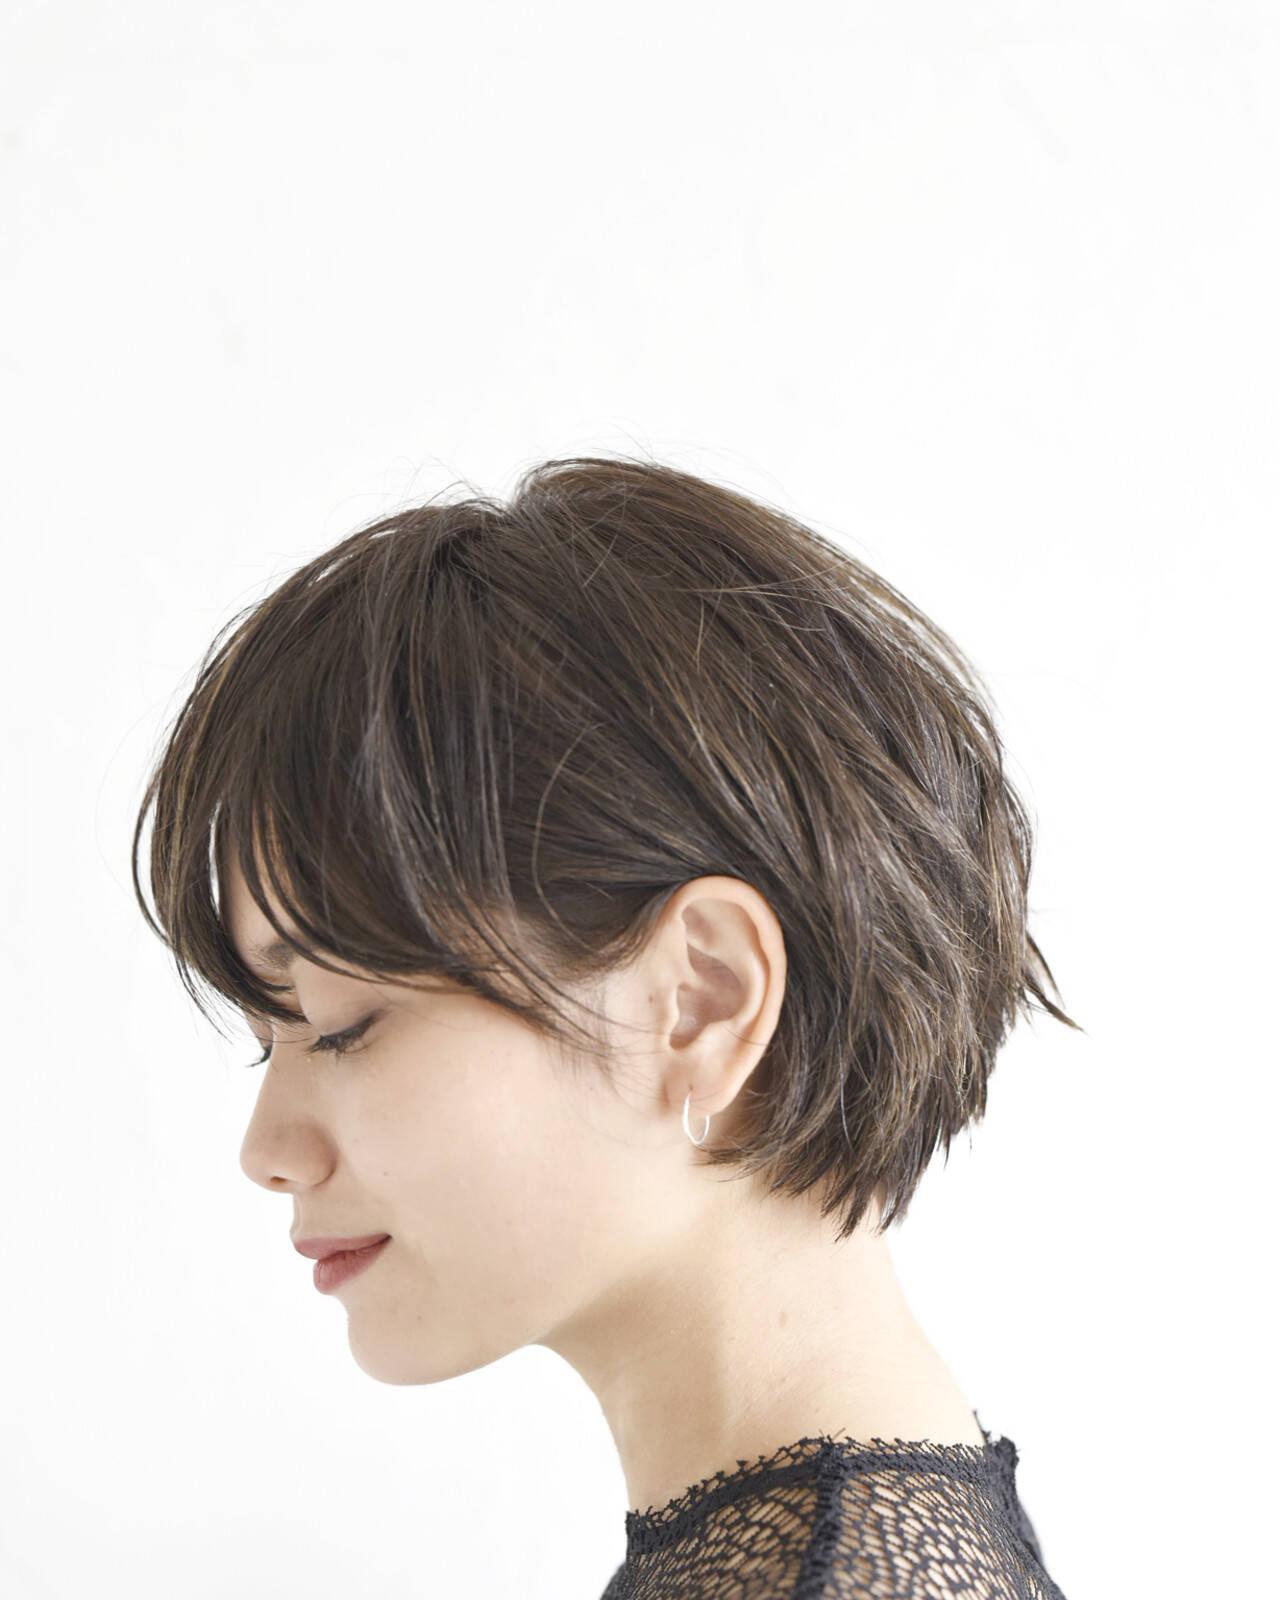 アンニュイほつれヘア 簡単ヘアアレンジ ショートボブ パーマヘアスタイルや髪型の写真・画像